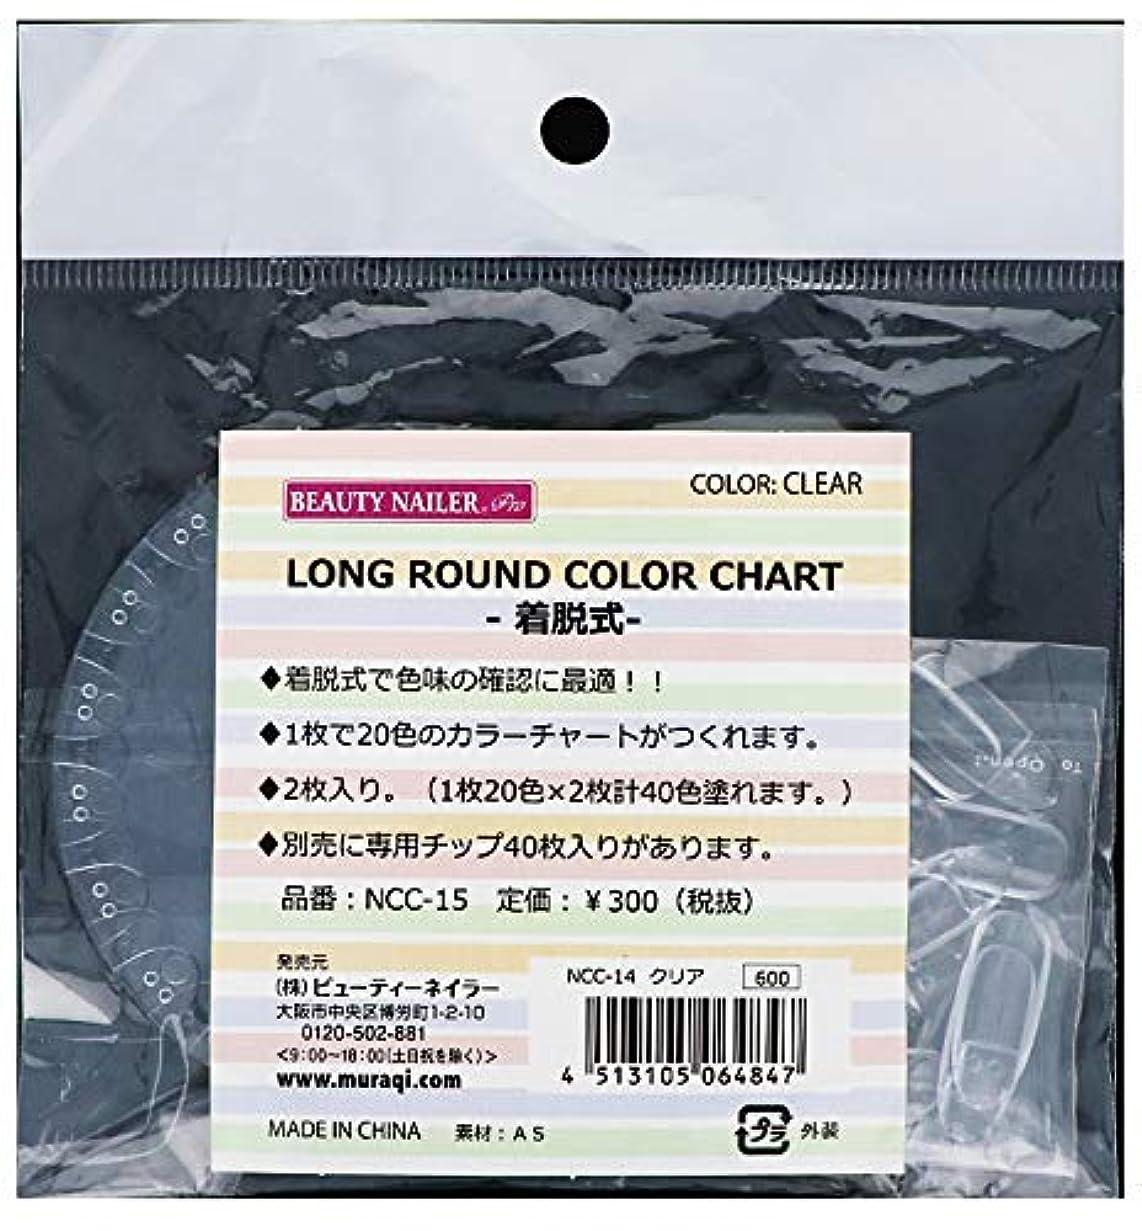 懲らしめ首相どこロングラウンドカラーチャート -着脱式-(NCC-14)